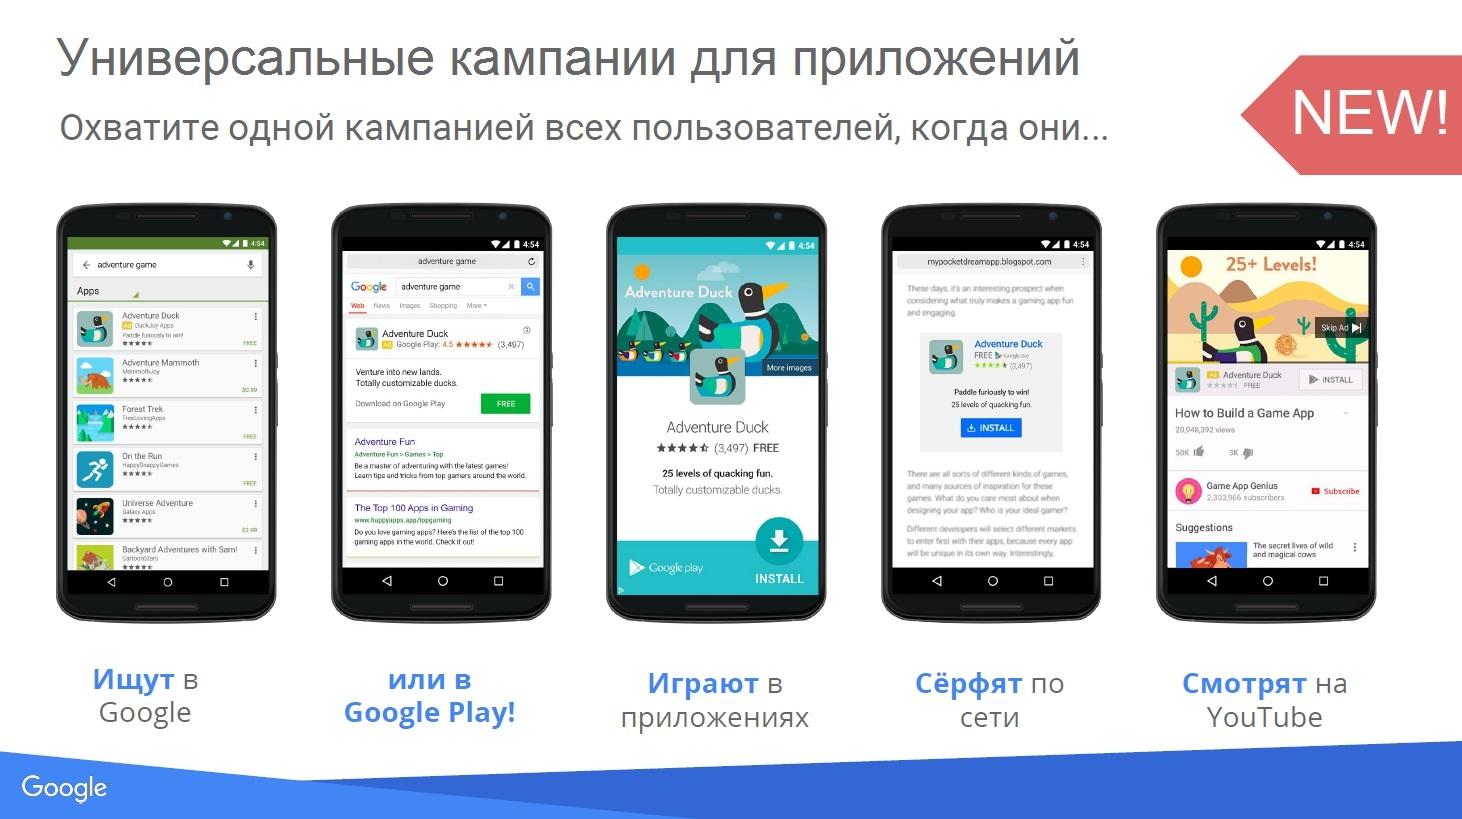 Контекстная реклама google в мобильных рейтинг компаний контекстная реклама